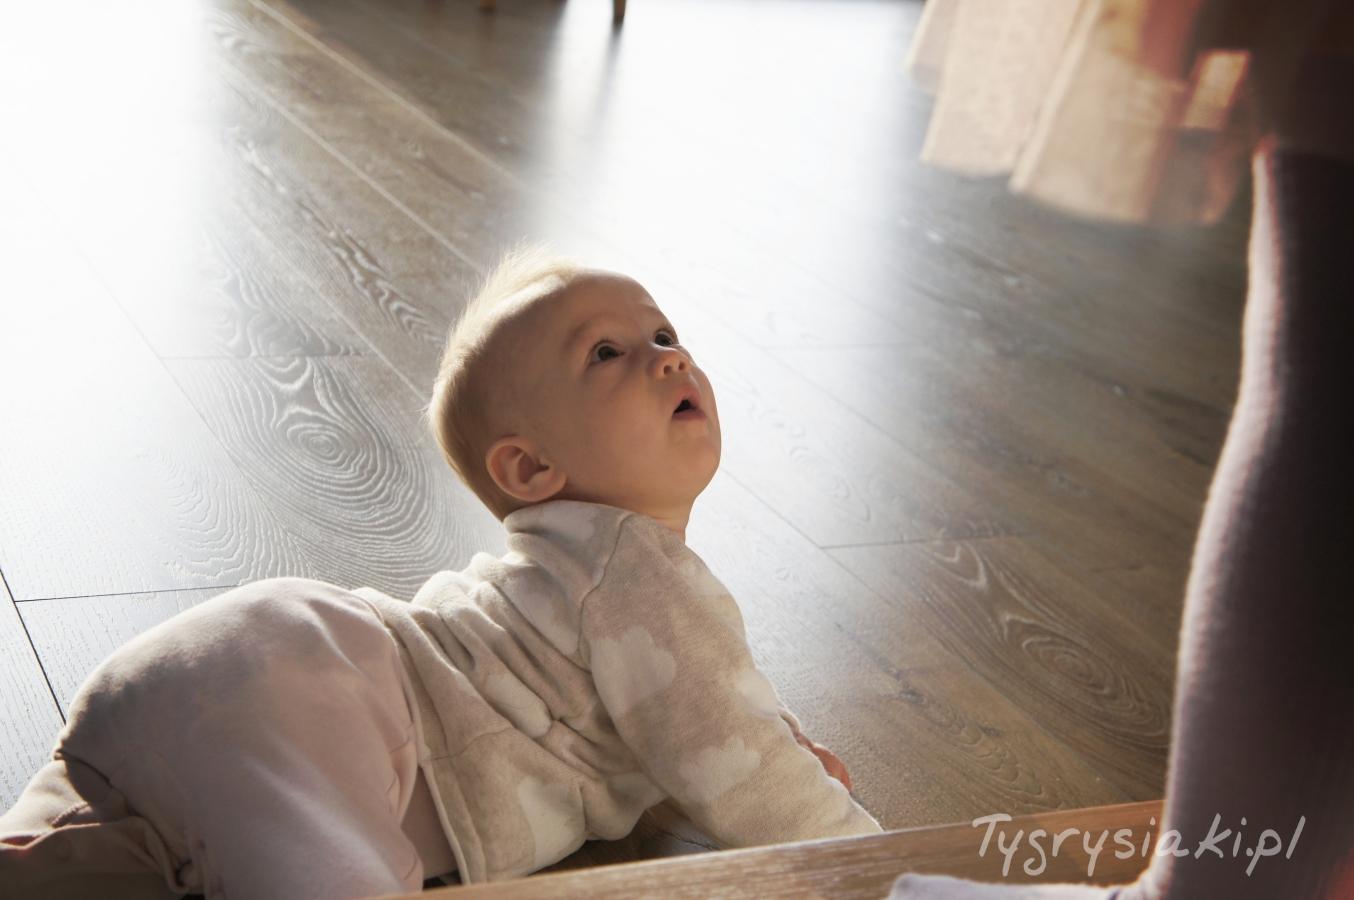 male-dziecko-na-schodach